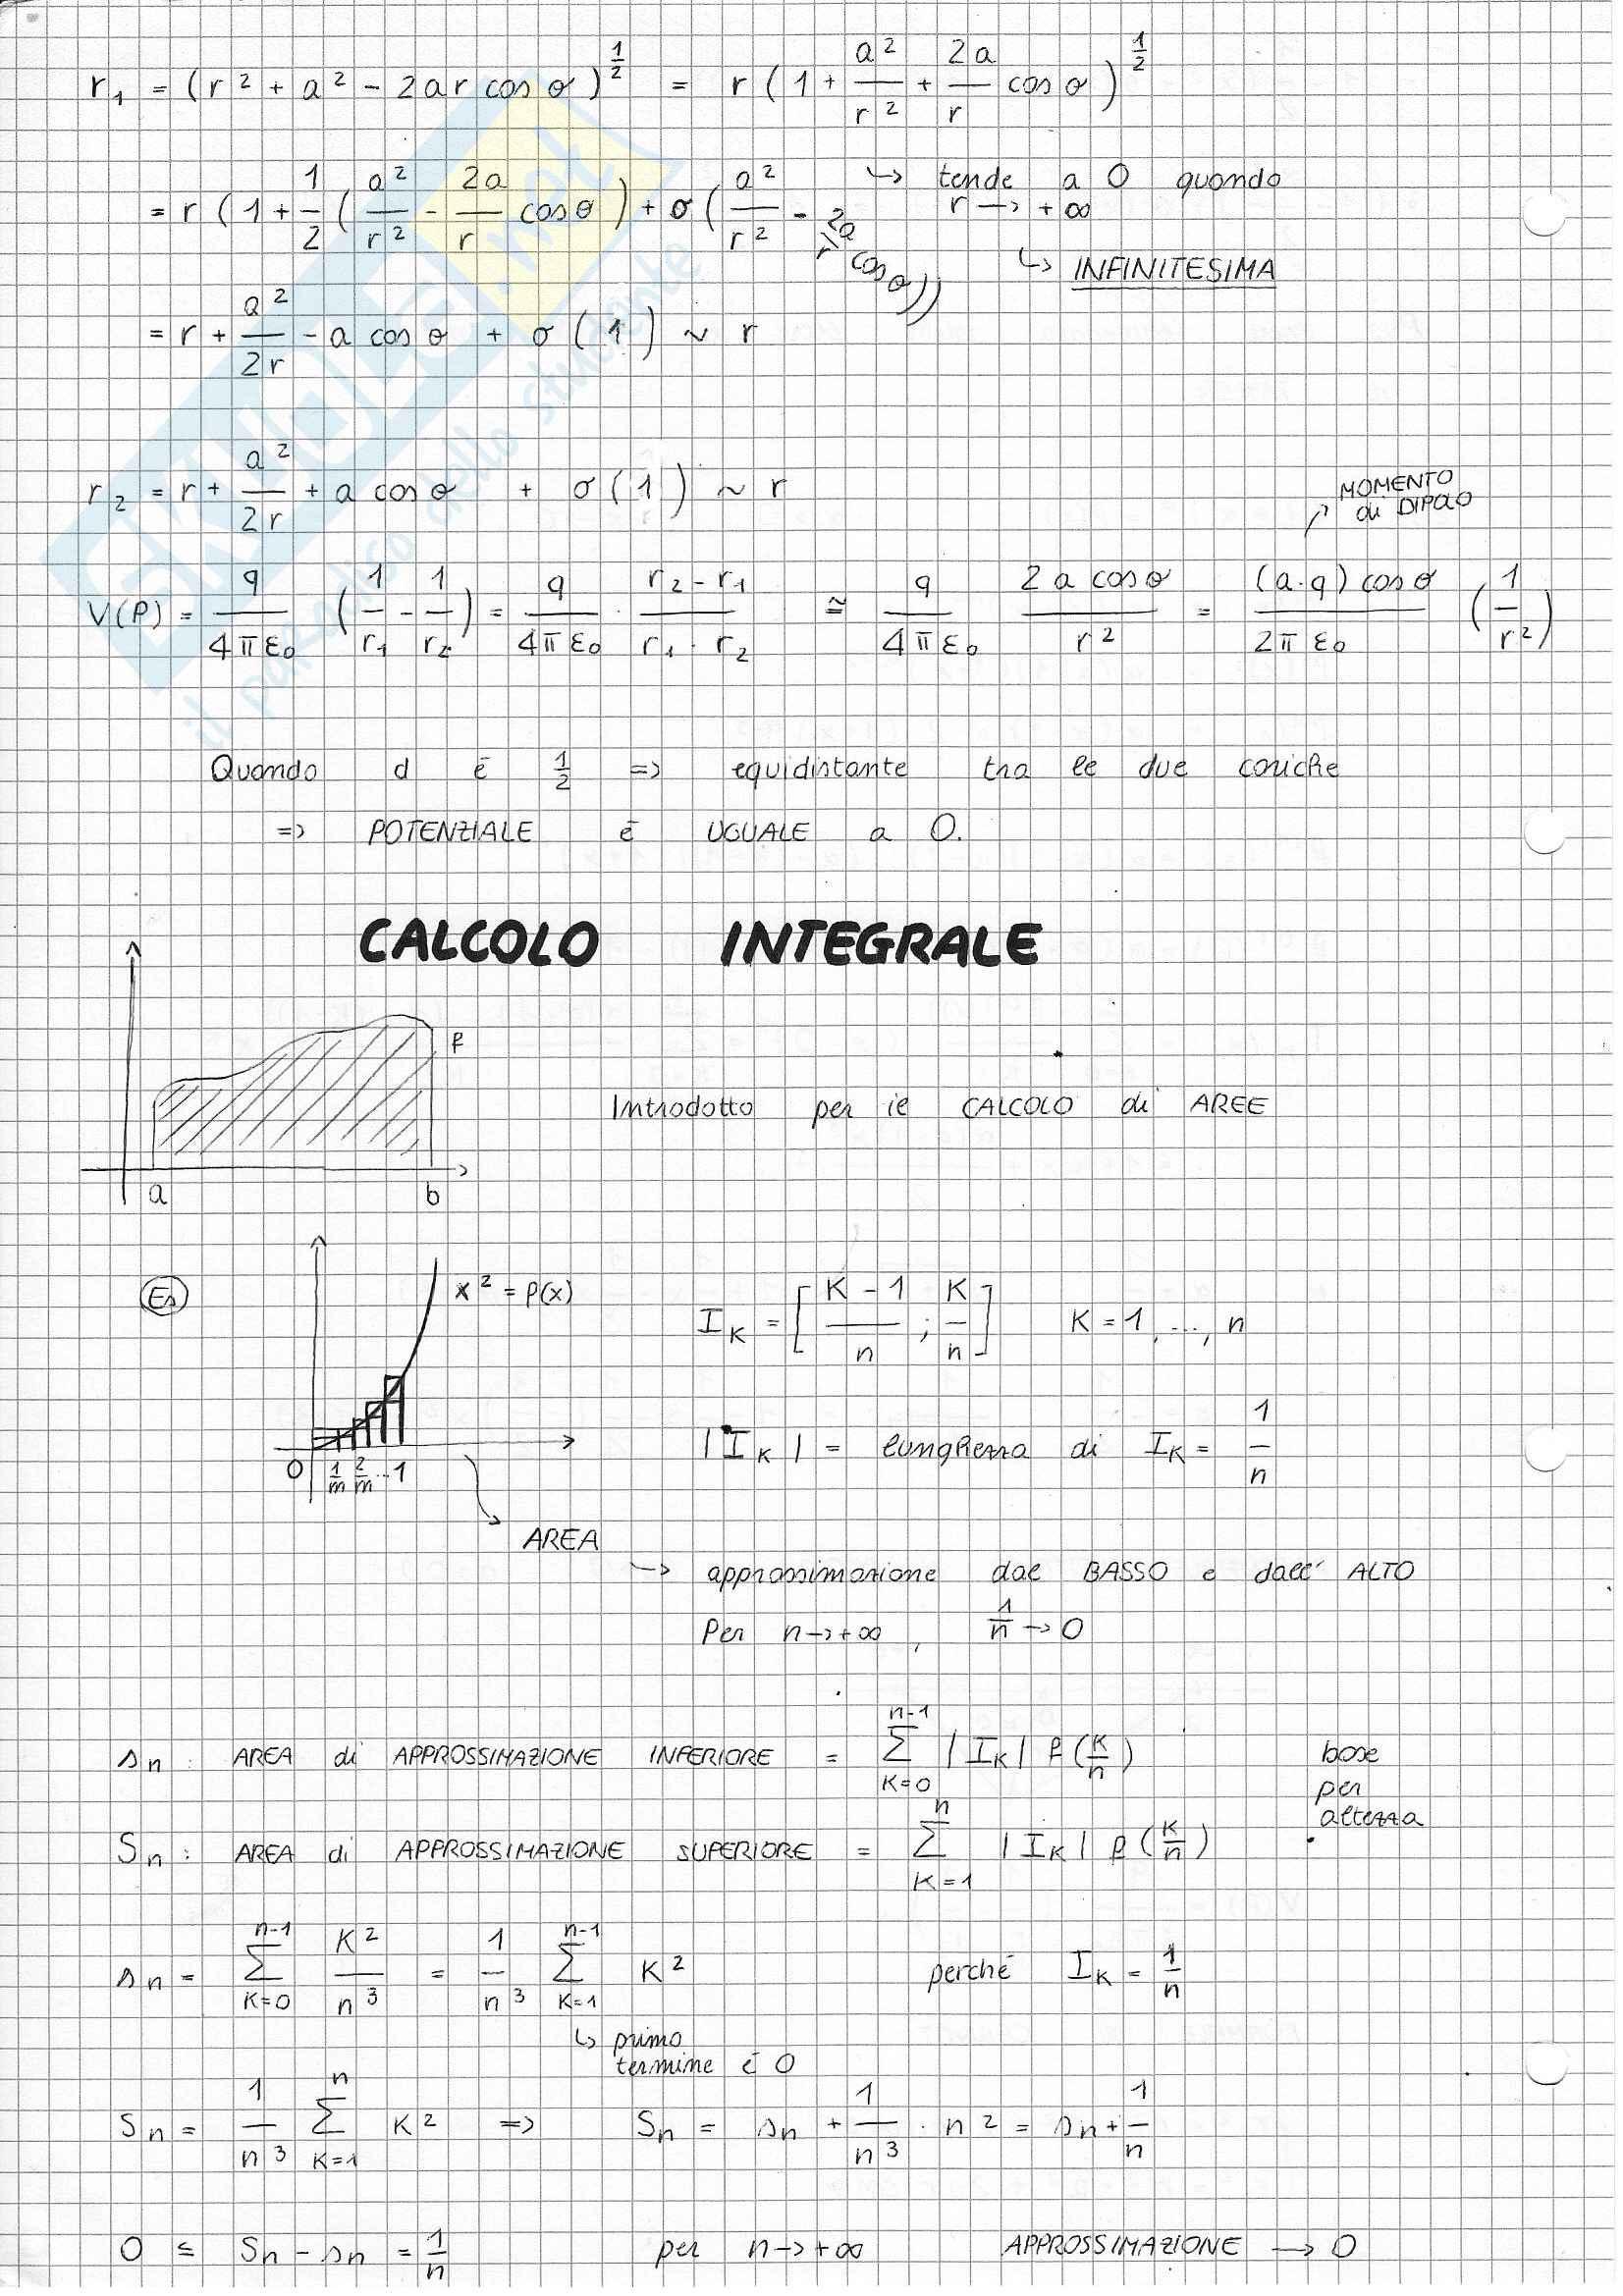 Analisi e Geometria 1 - Calcolo integrale